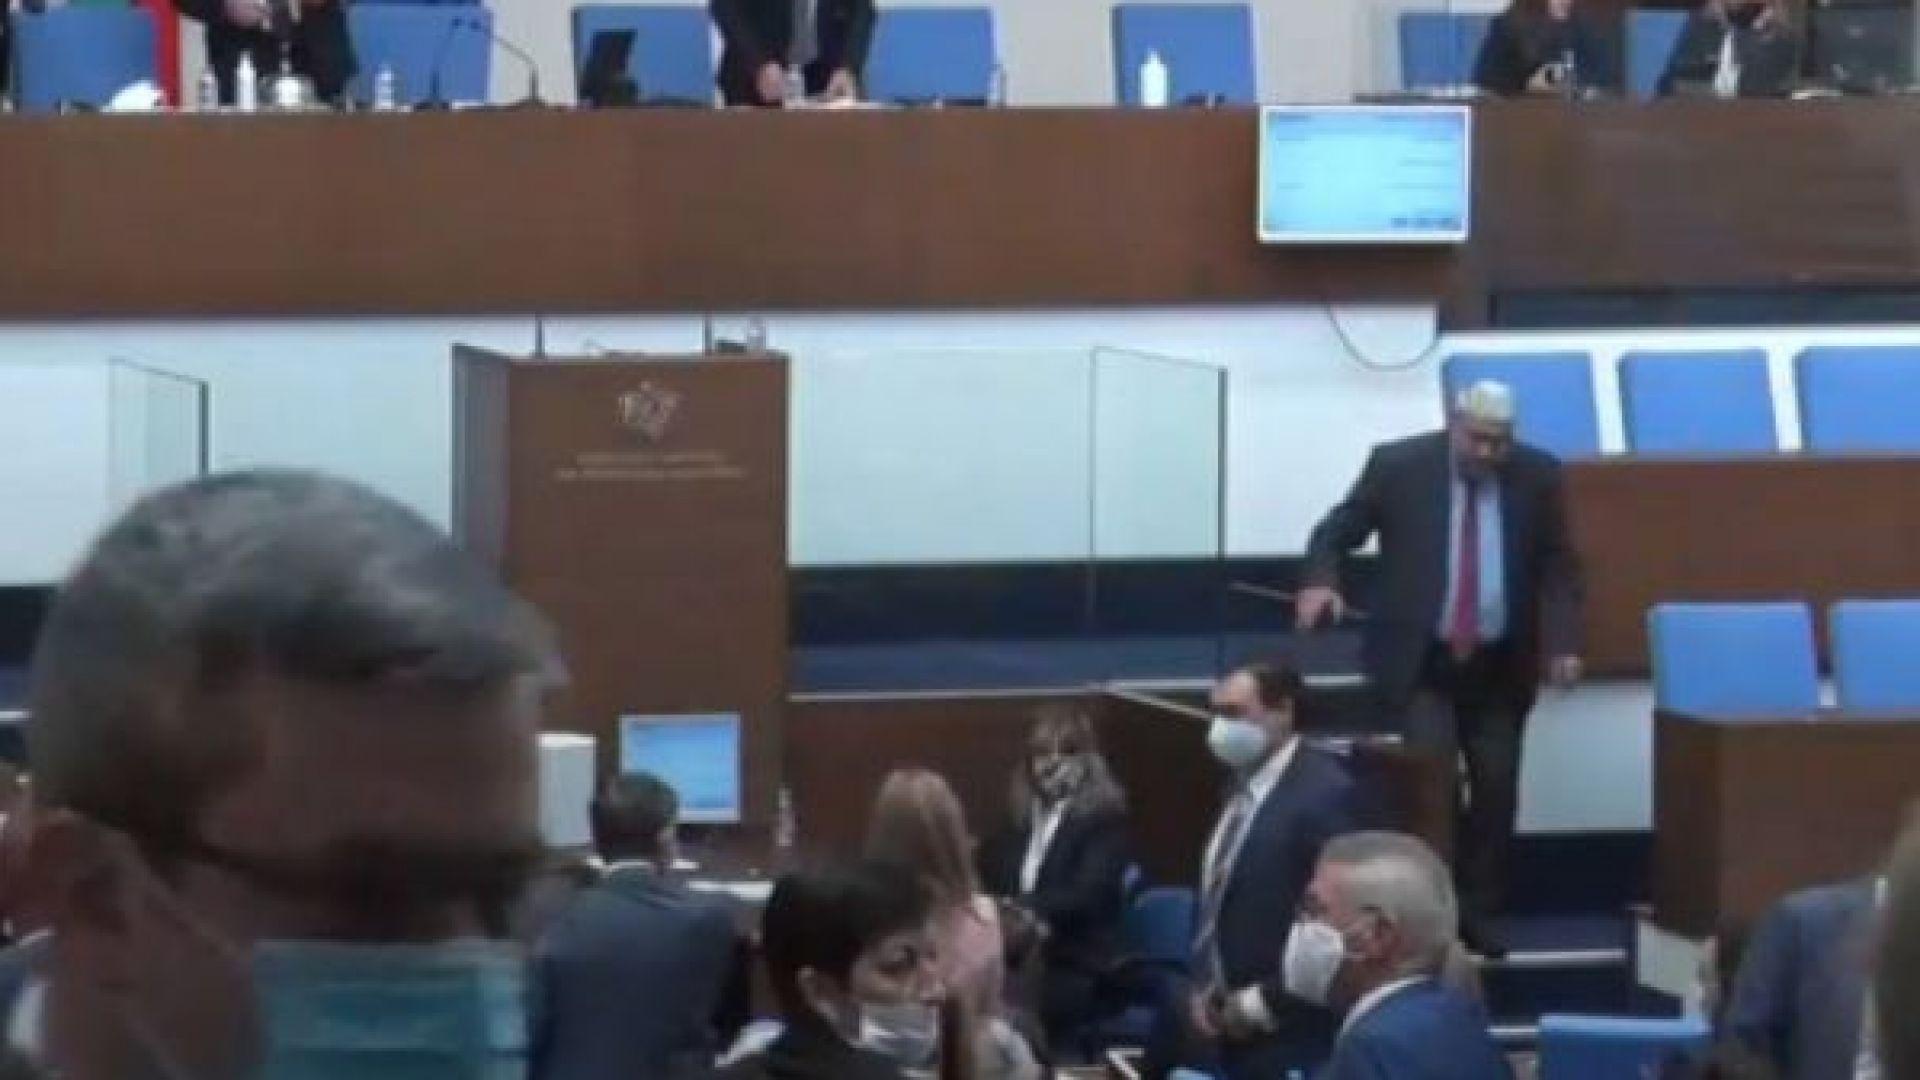 Заради една изчезнала папка: Спречкване между депутати от ГЕРБ и БСП и обвинение в кражба